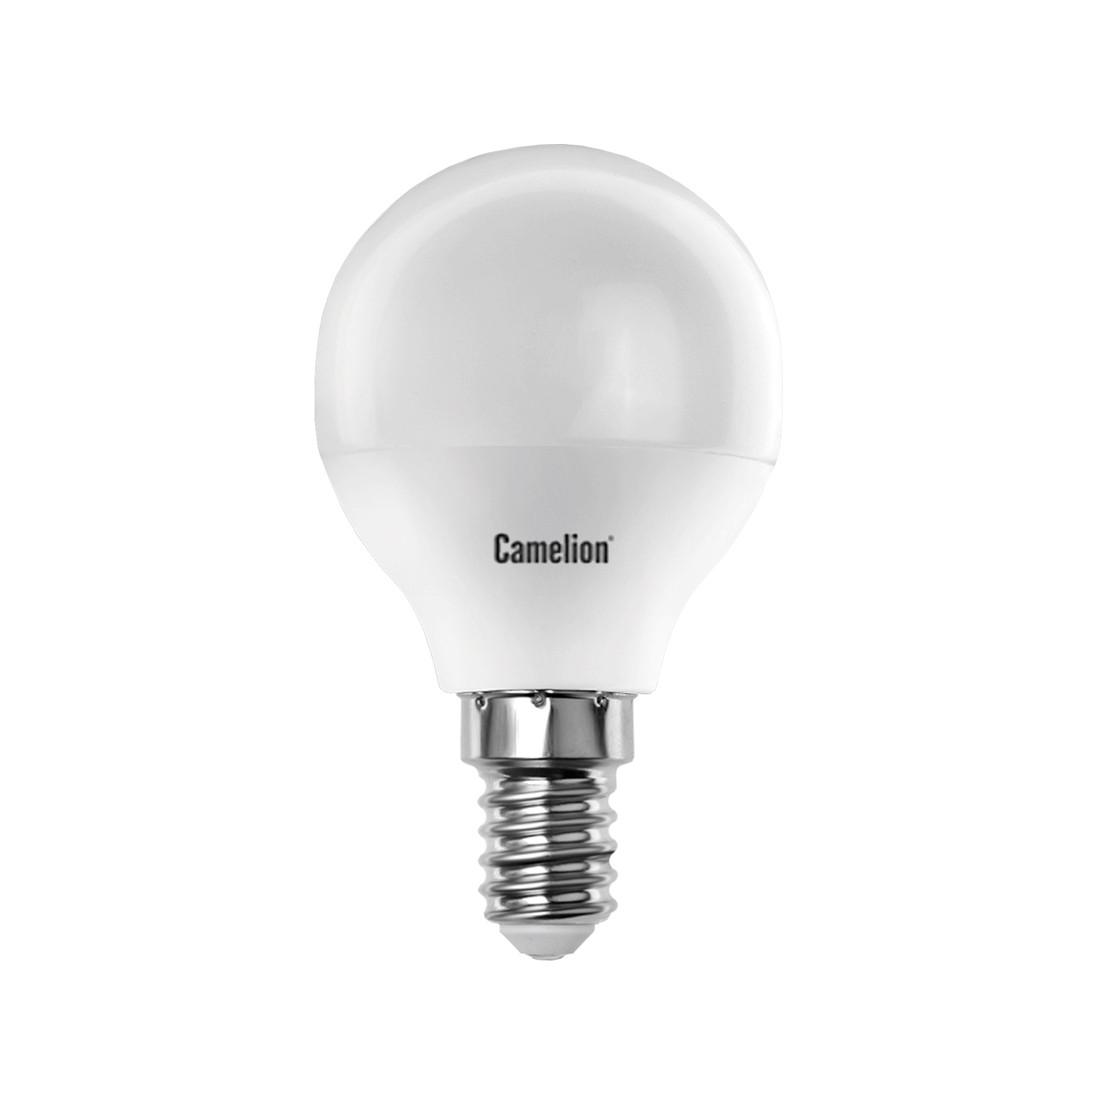 Лампа светодиодная Camelion G45/4500К/E14/7Вт, Холодный